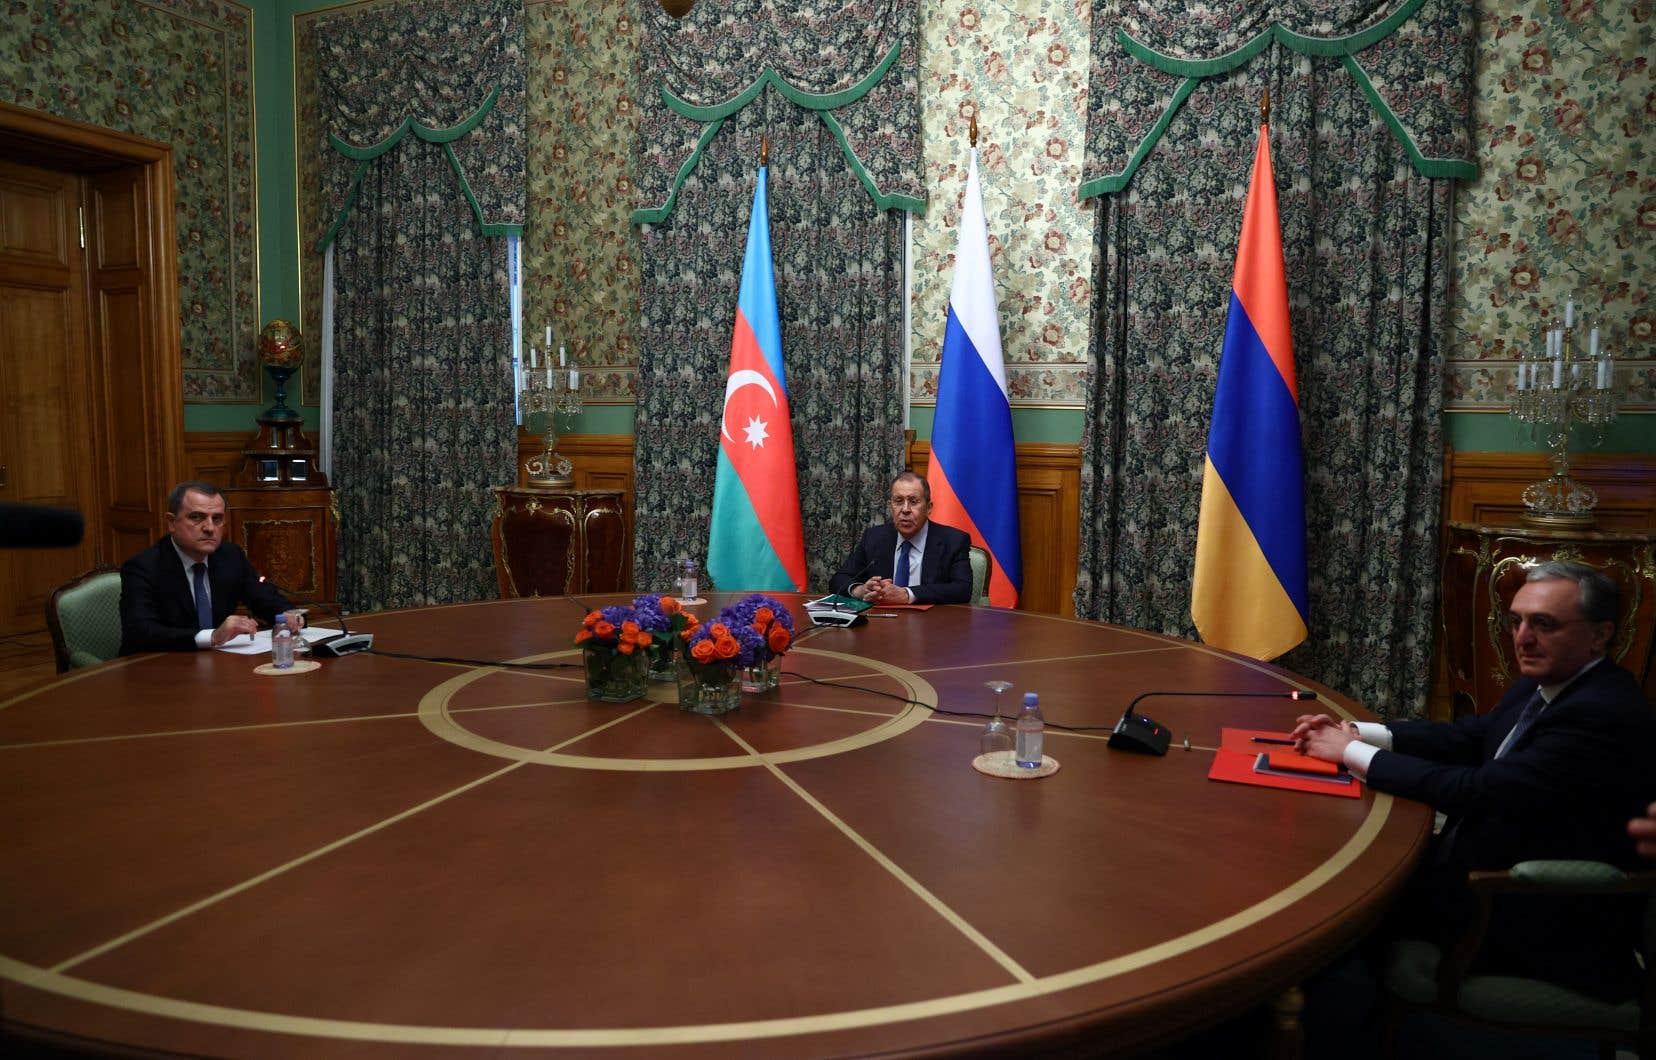 Le ministre russe des Affaires étrangères, Sergueï Lavrov (au centre),a présidé vendredi une réunion entre le ministre arménien des Affaires étrangères, Zohrab Mnatsakanyan, et le ministre azerbaïdjanais des Affaires étrangères, Jeyhun Bayramov.